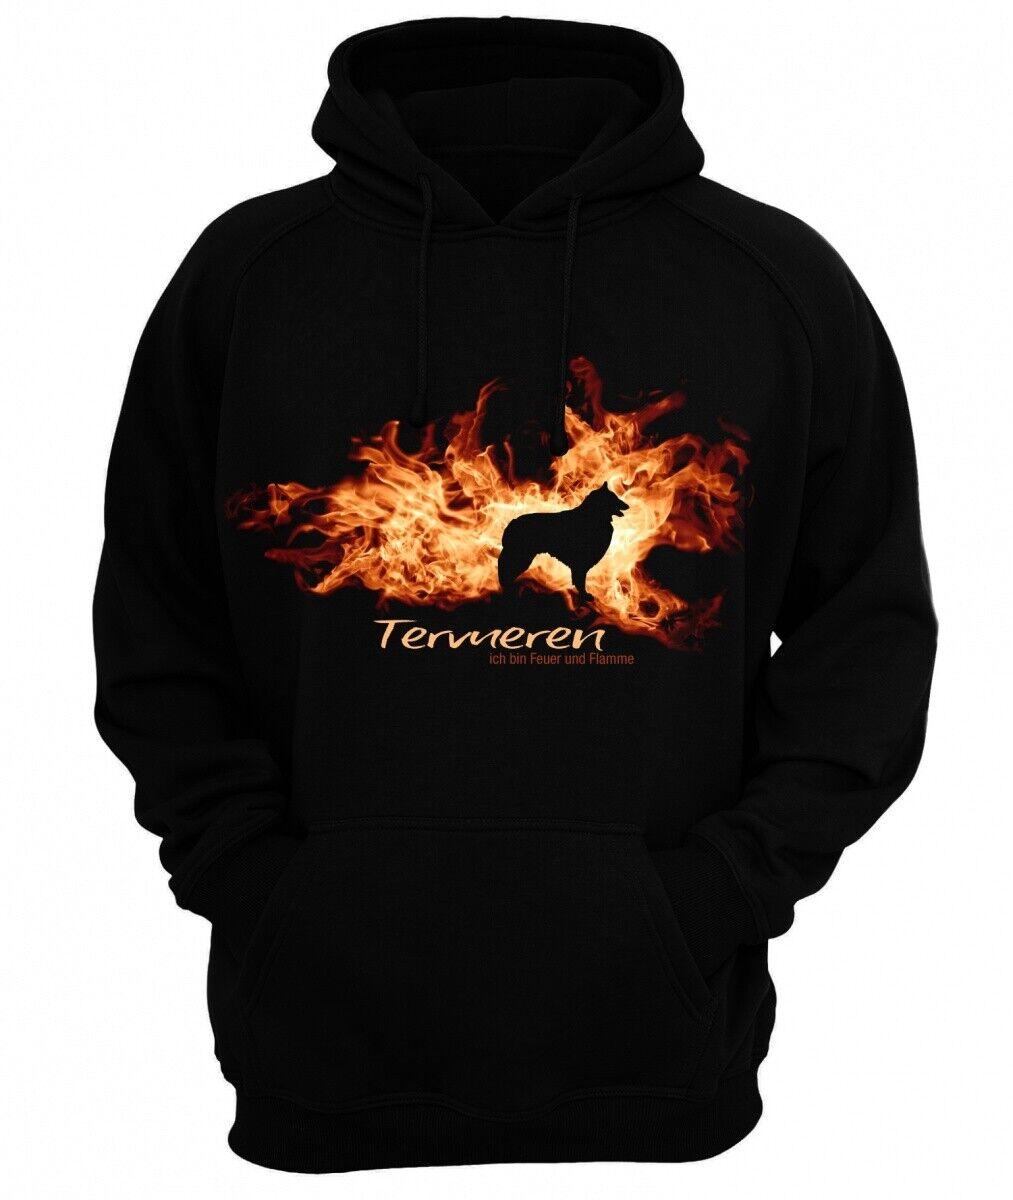 Sweatshirt TERVUEREN FEUER UND FLAMME by Siviwonder Hoodie